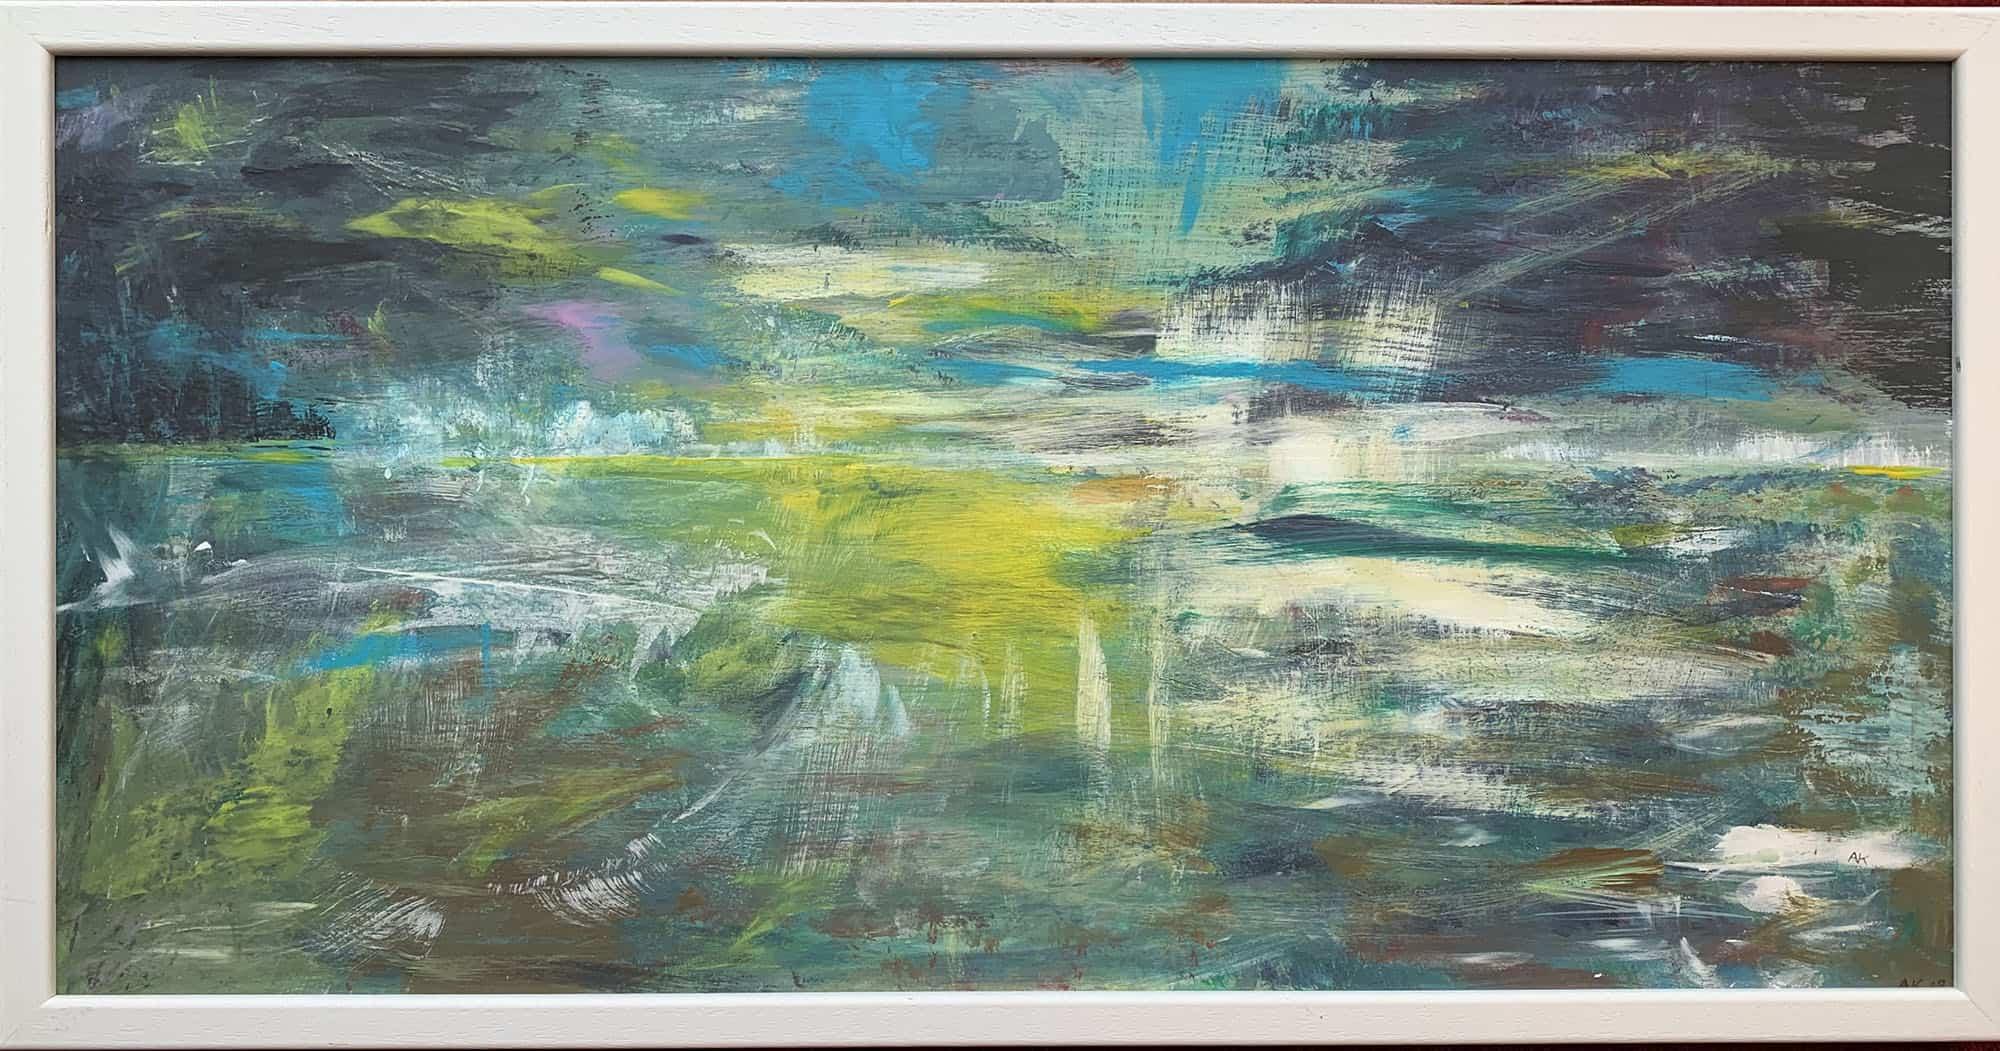 Bild Keusch-Wannags 1 Atlantis 40 x 80 cm